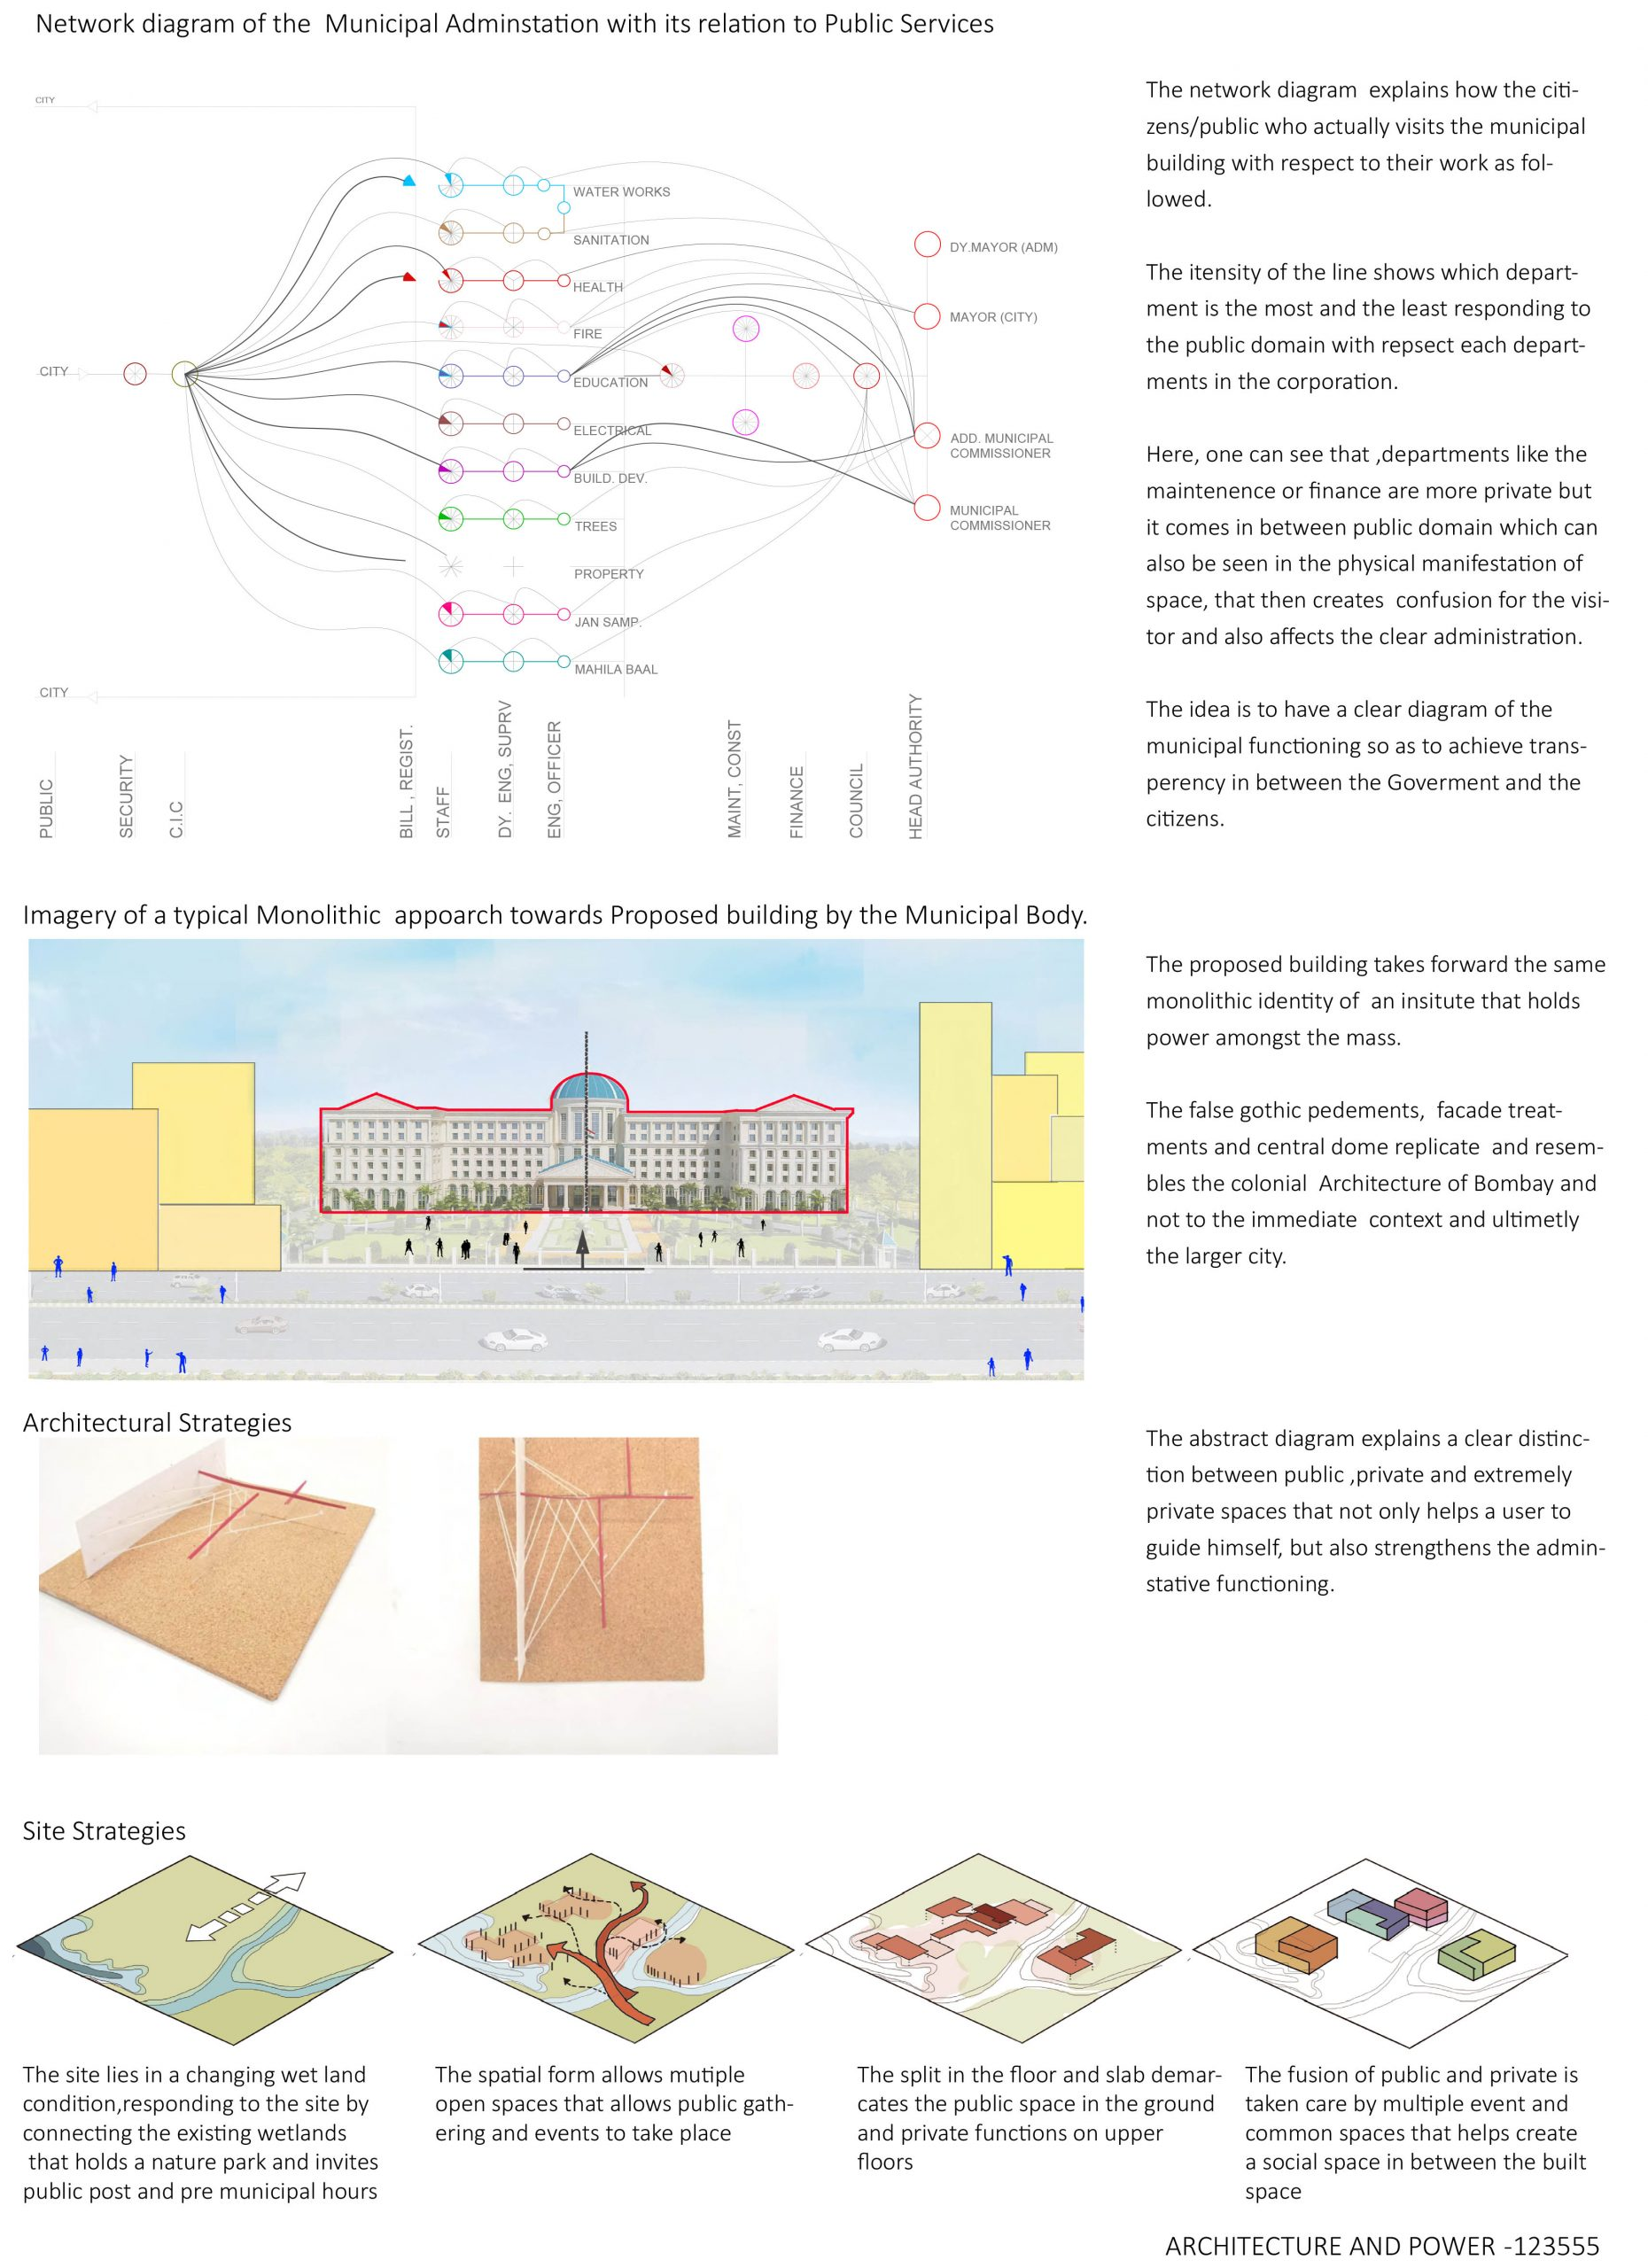 A3 sheet 2